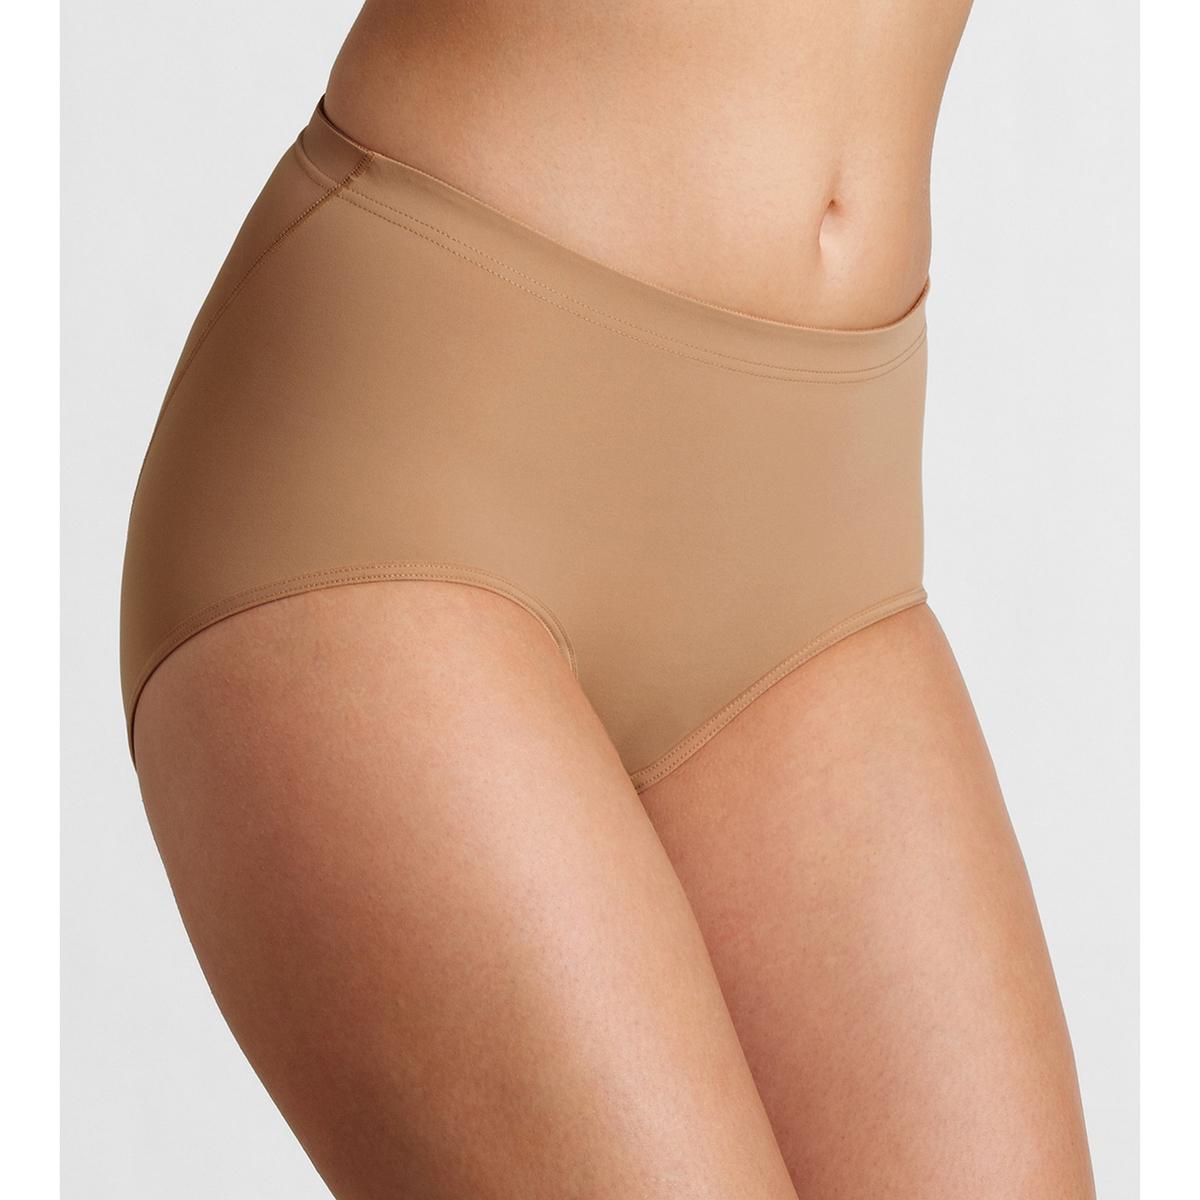 Трусы-макси ShapeНезаметные под одеждой, моделируют фигуру. Без боковых швов. Ластовица на подкладке из хлопка . Трусы-слипы из ультра мягкого трикотажа, 78% полиамида, 22% эластана.<br><br>Цвет: бежевый телесный,белый,черный<br>Размер: 48 (FR) - 54 (RUS).50 (FR) - 56 (RUS).44 (FR) - 50 (RUS).46 (FR) - 52 (RUS).44 (FR) - 50 (RUS)